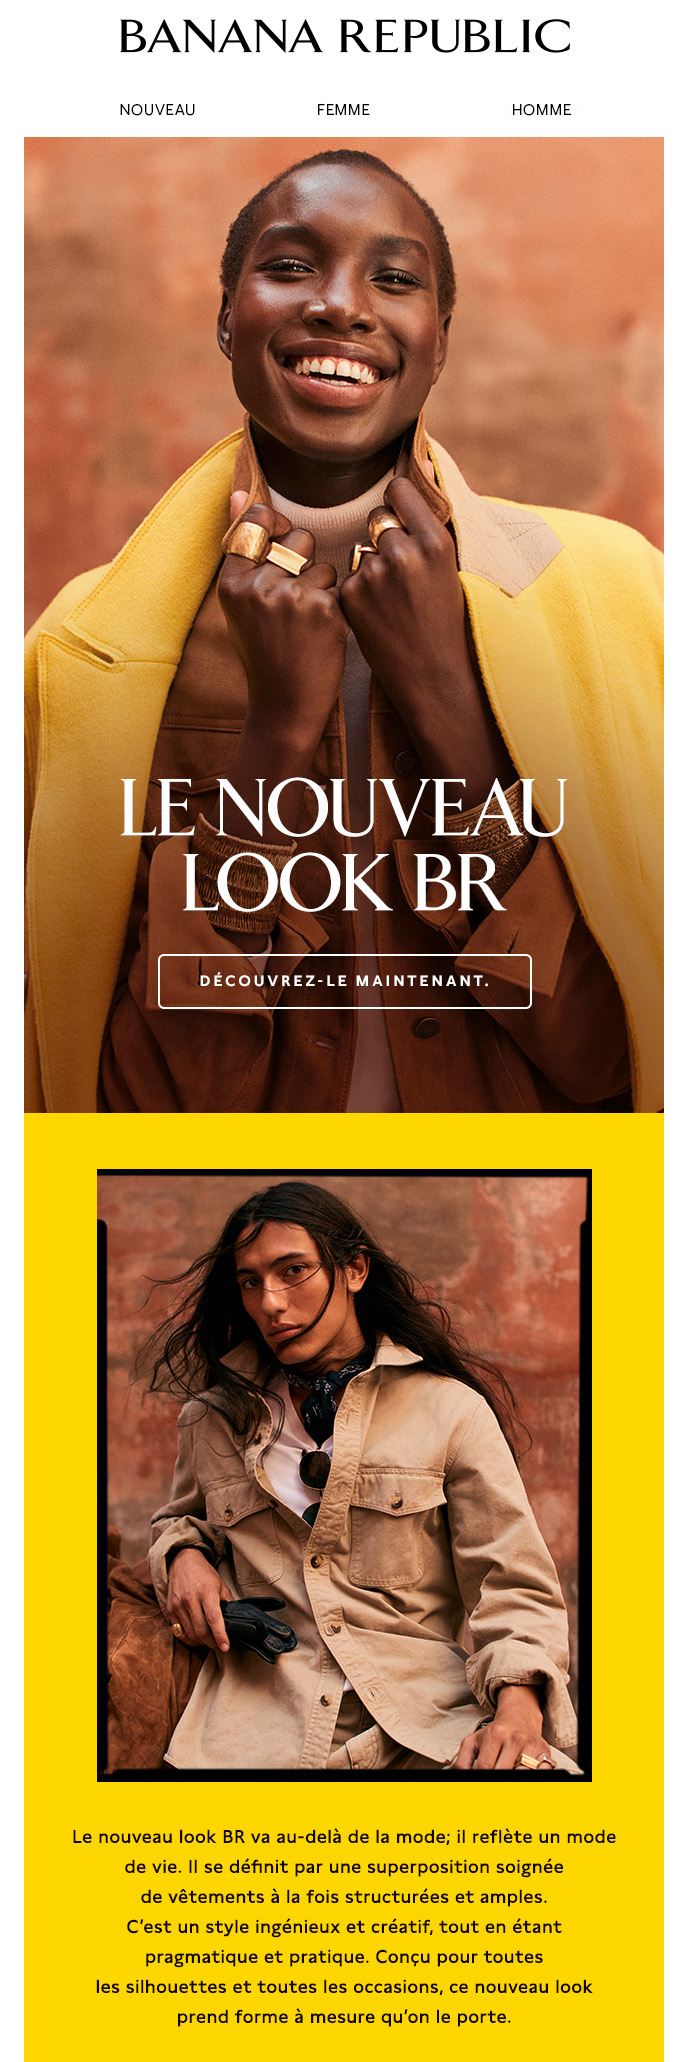 Explorez Le Nouveau Look Br